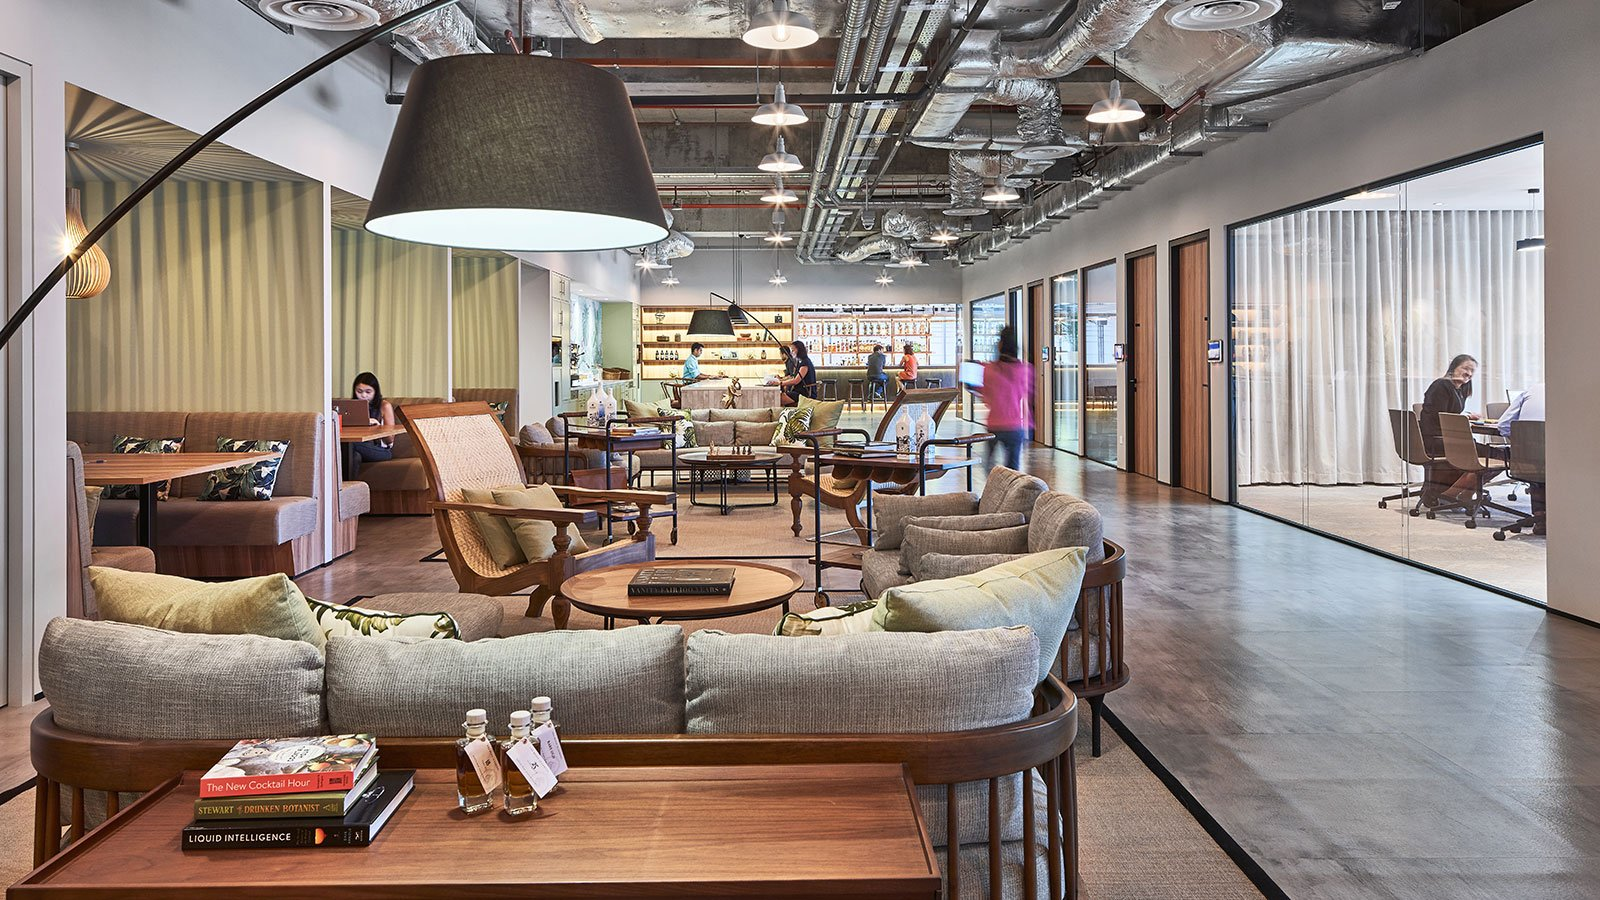 diageo office interior image in singapore